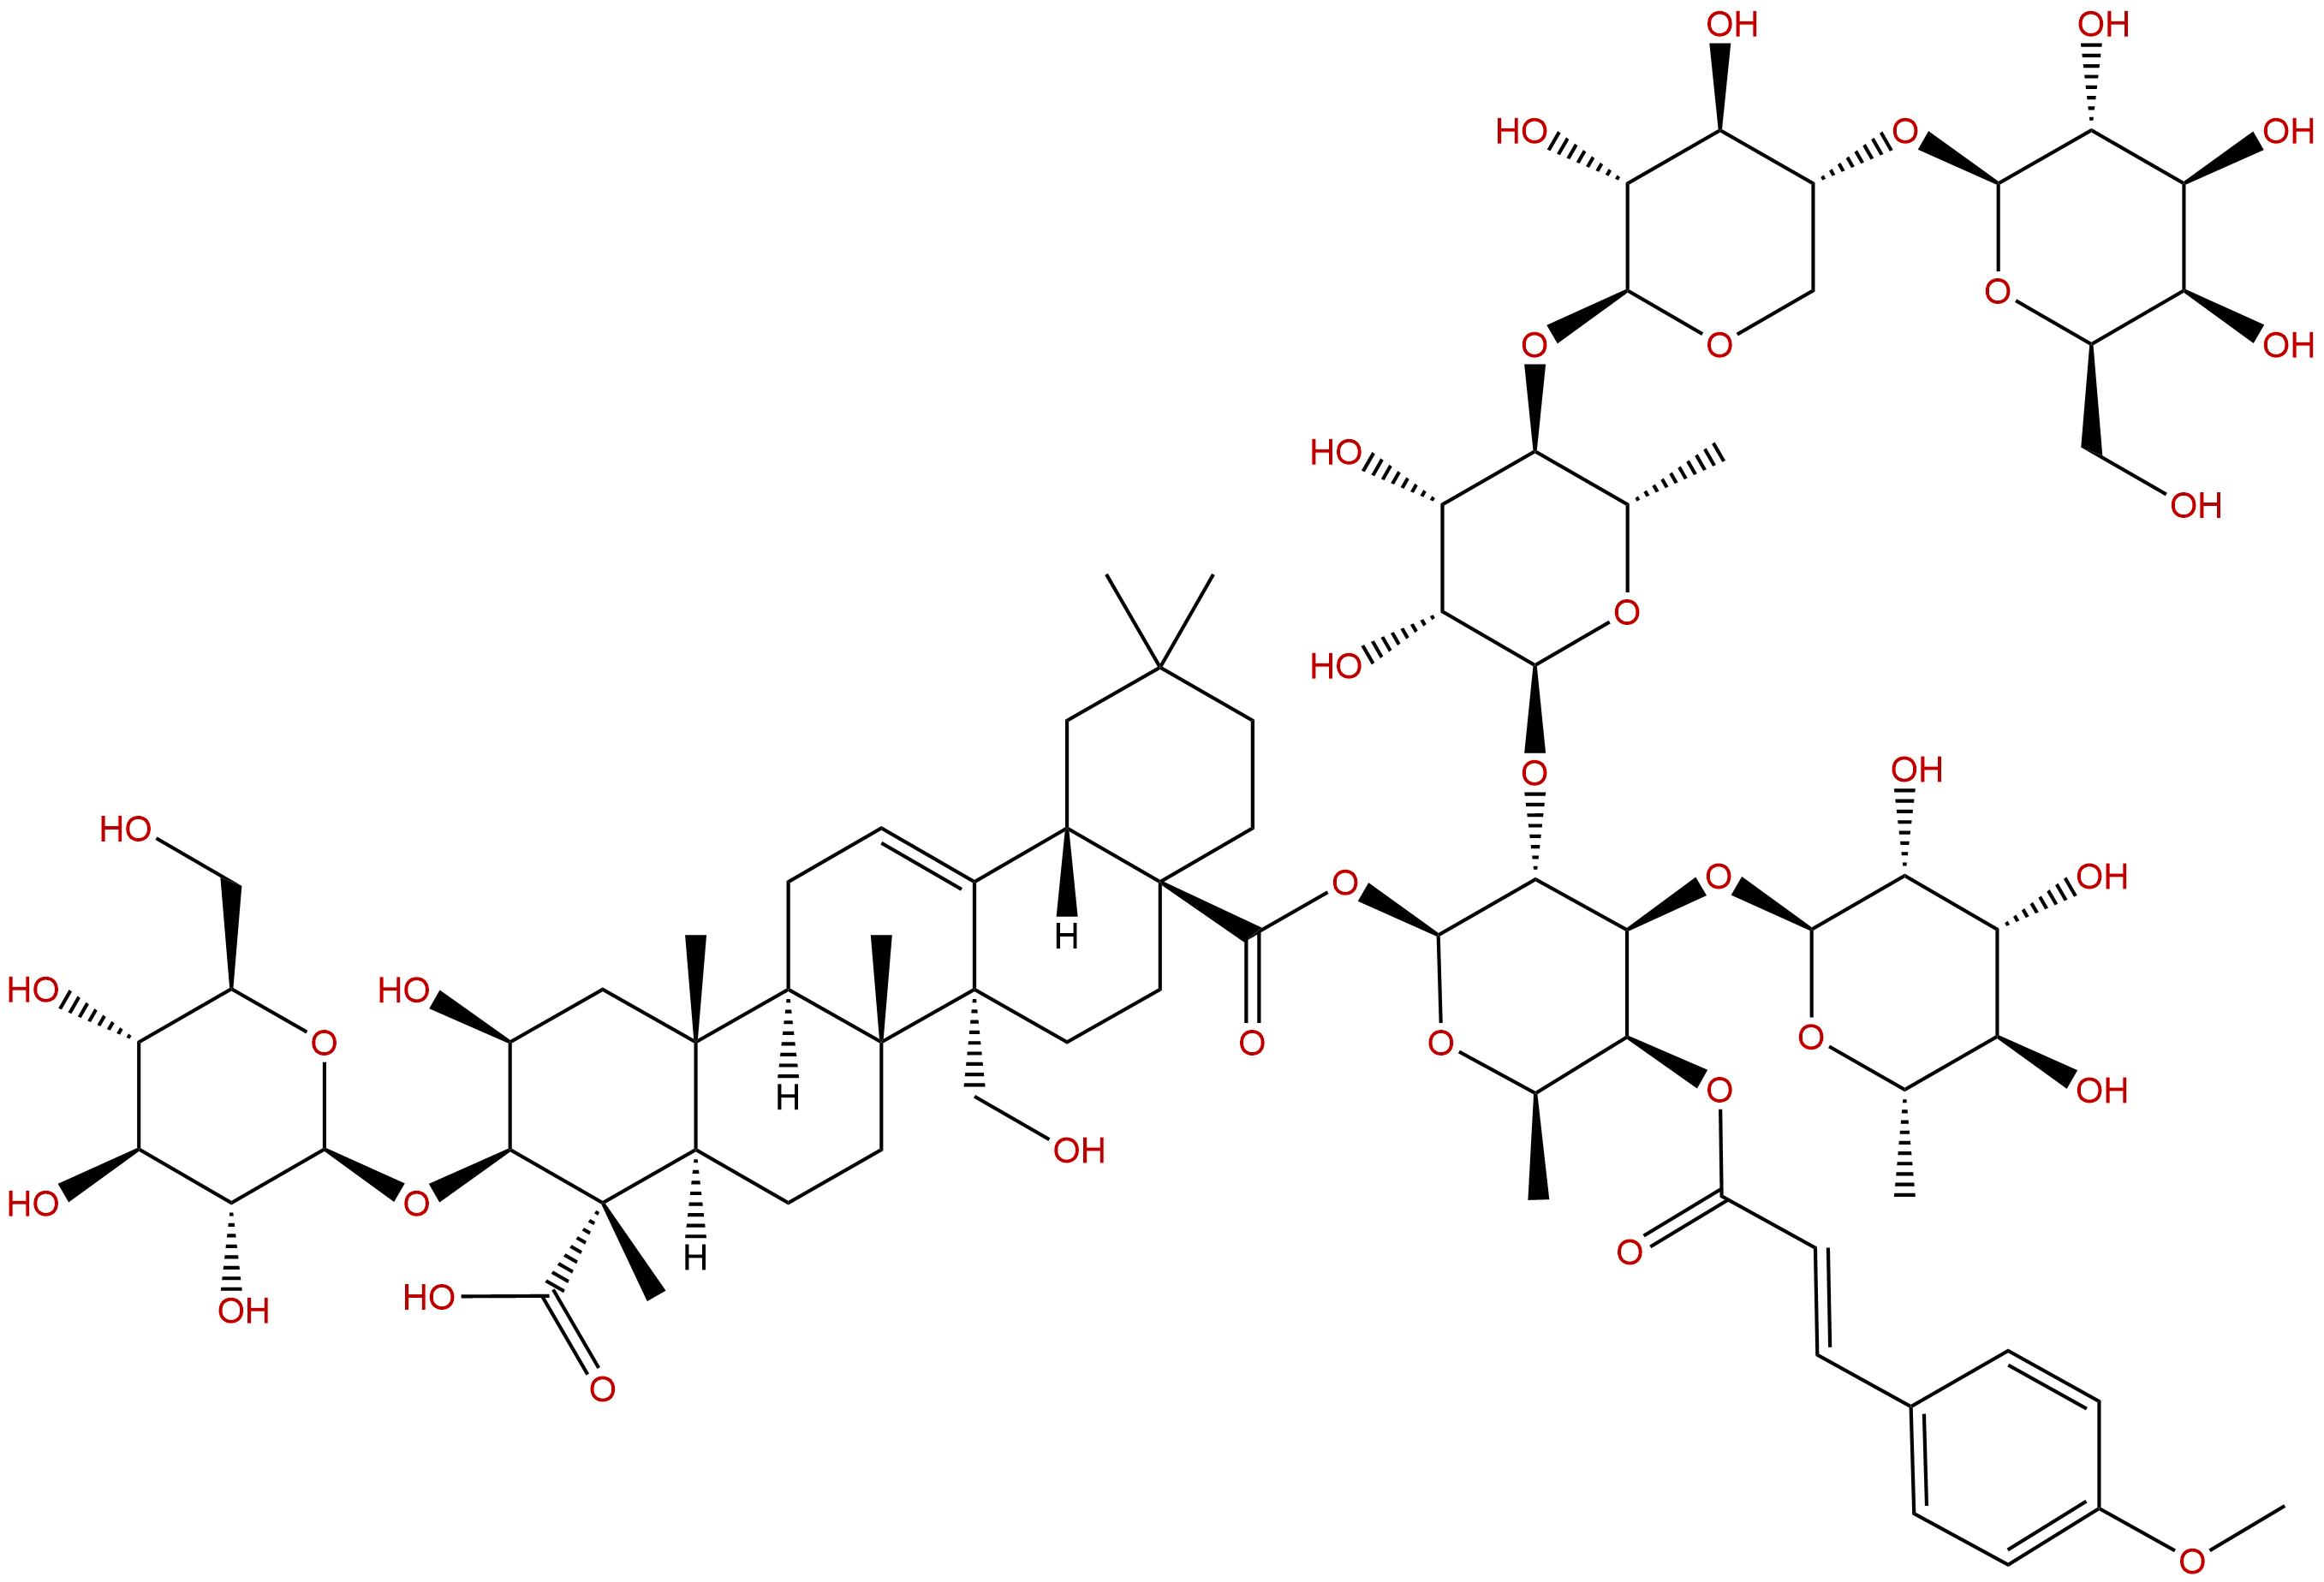 Onjisaponin B